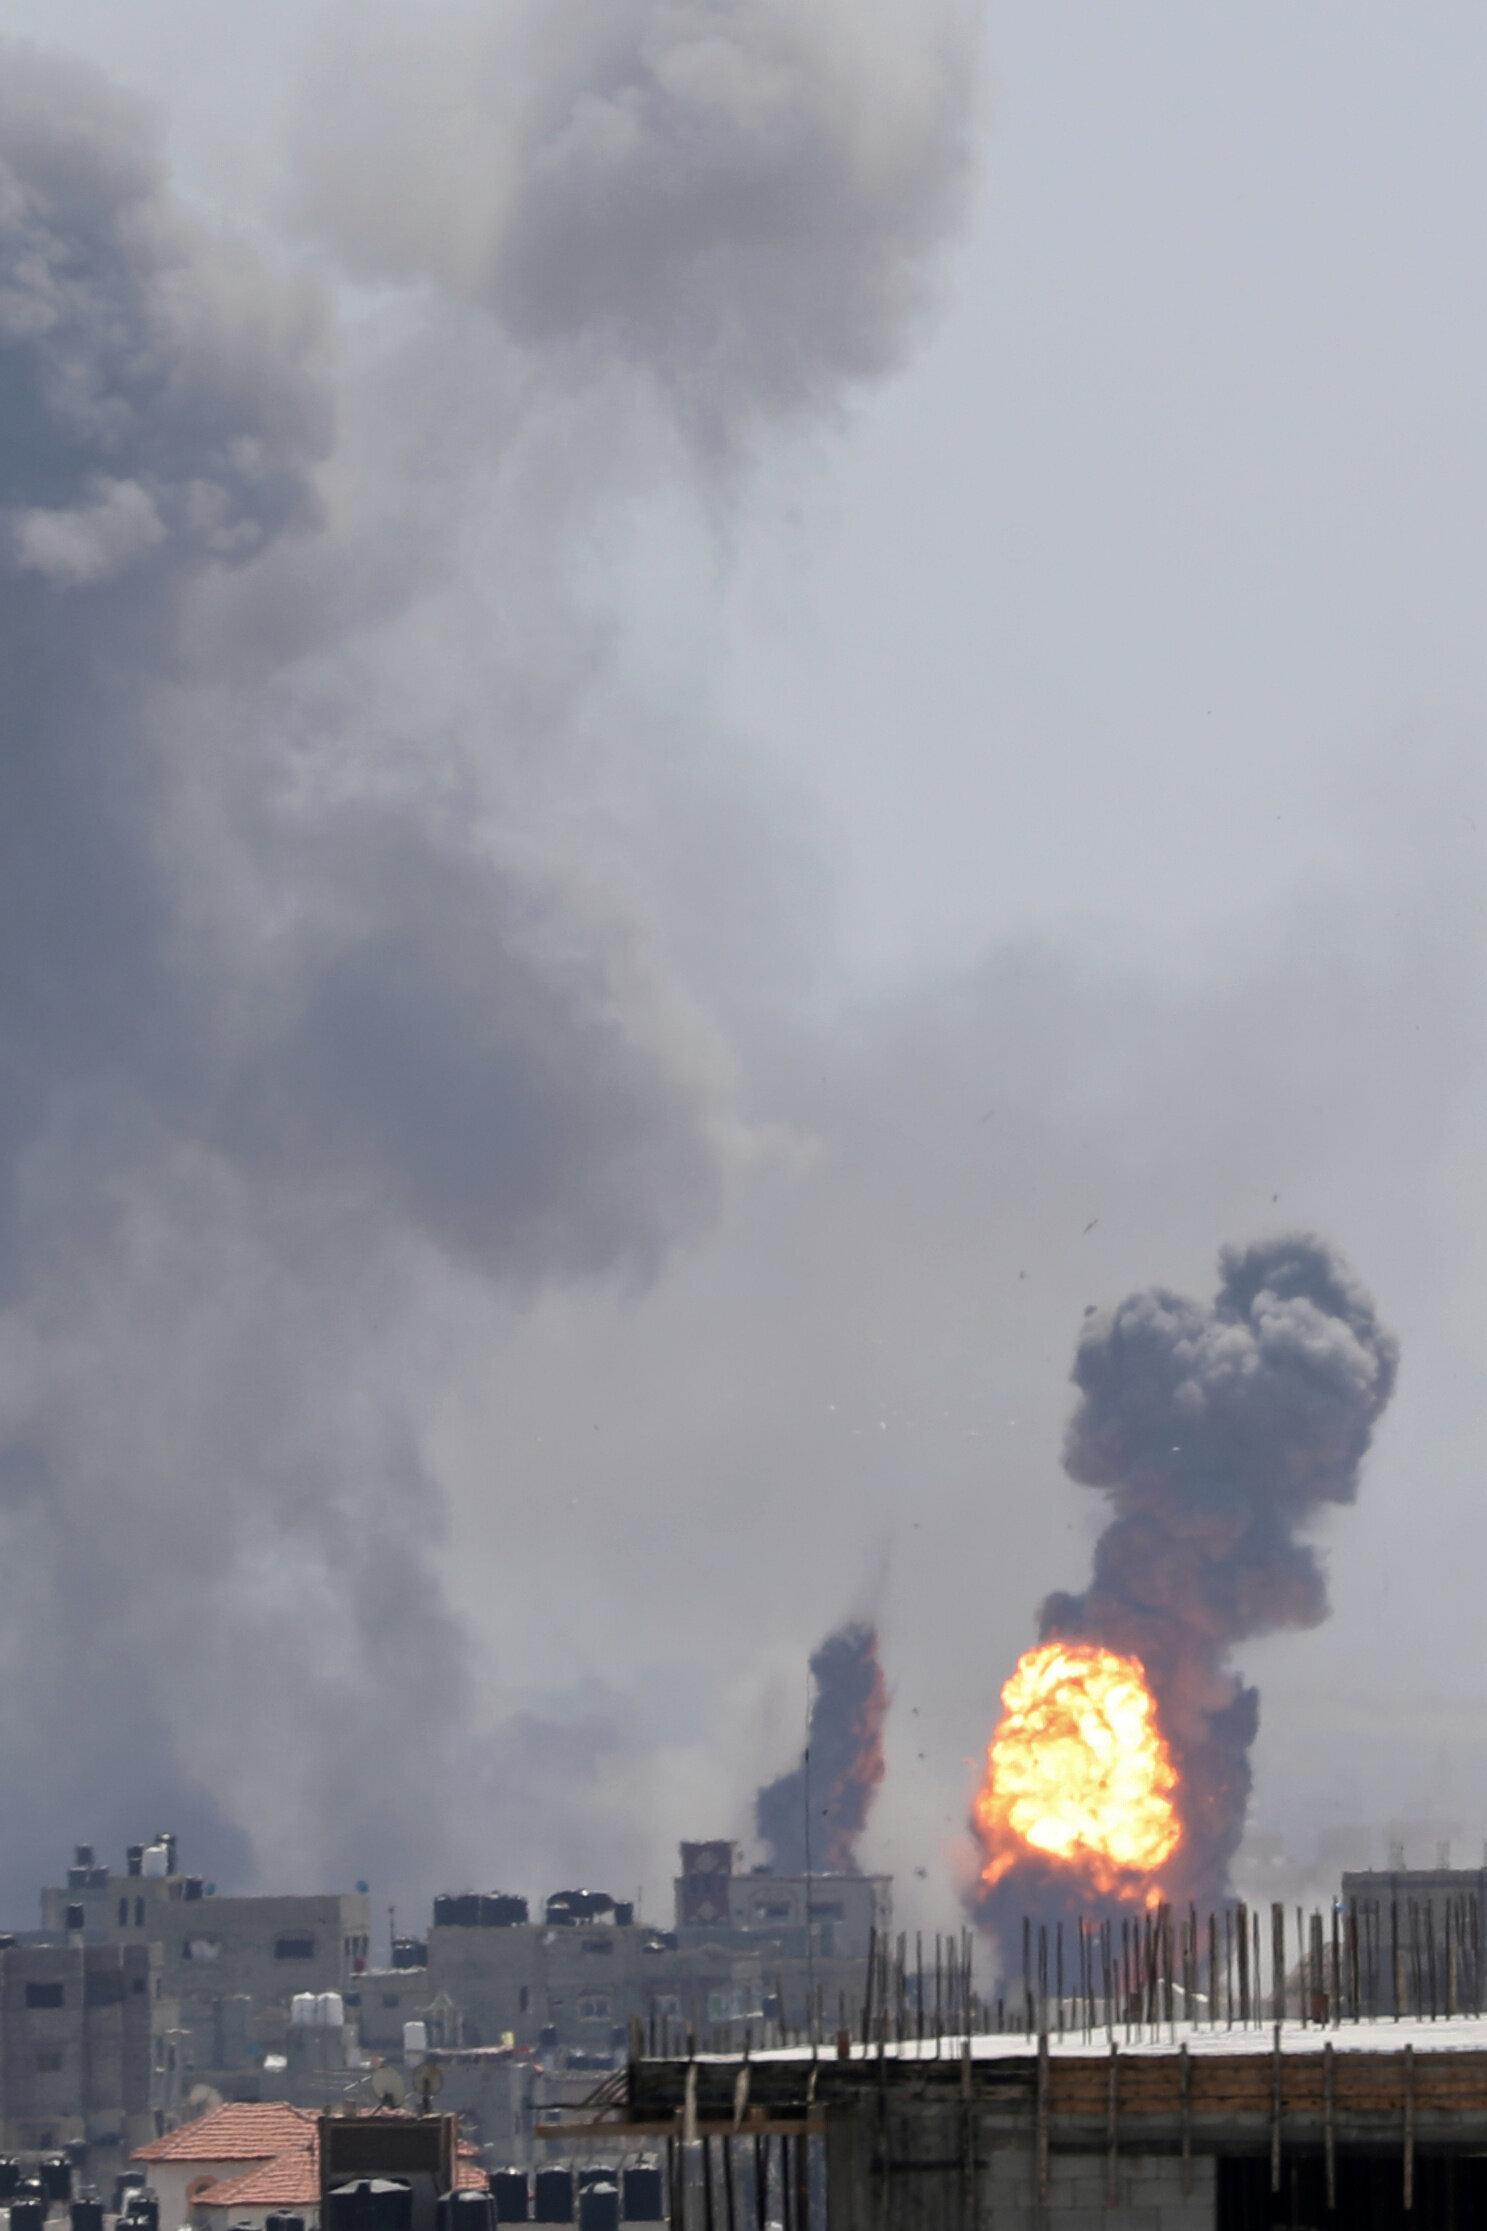 Πρόβα πολέμου στη Γάζα: Η Χαμάς εκτόξευσε 600 ρουκέτες - Το Ισραήλ απάντησε με 12